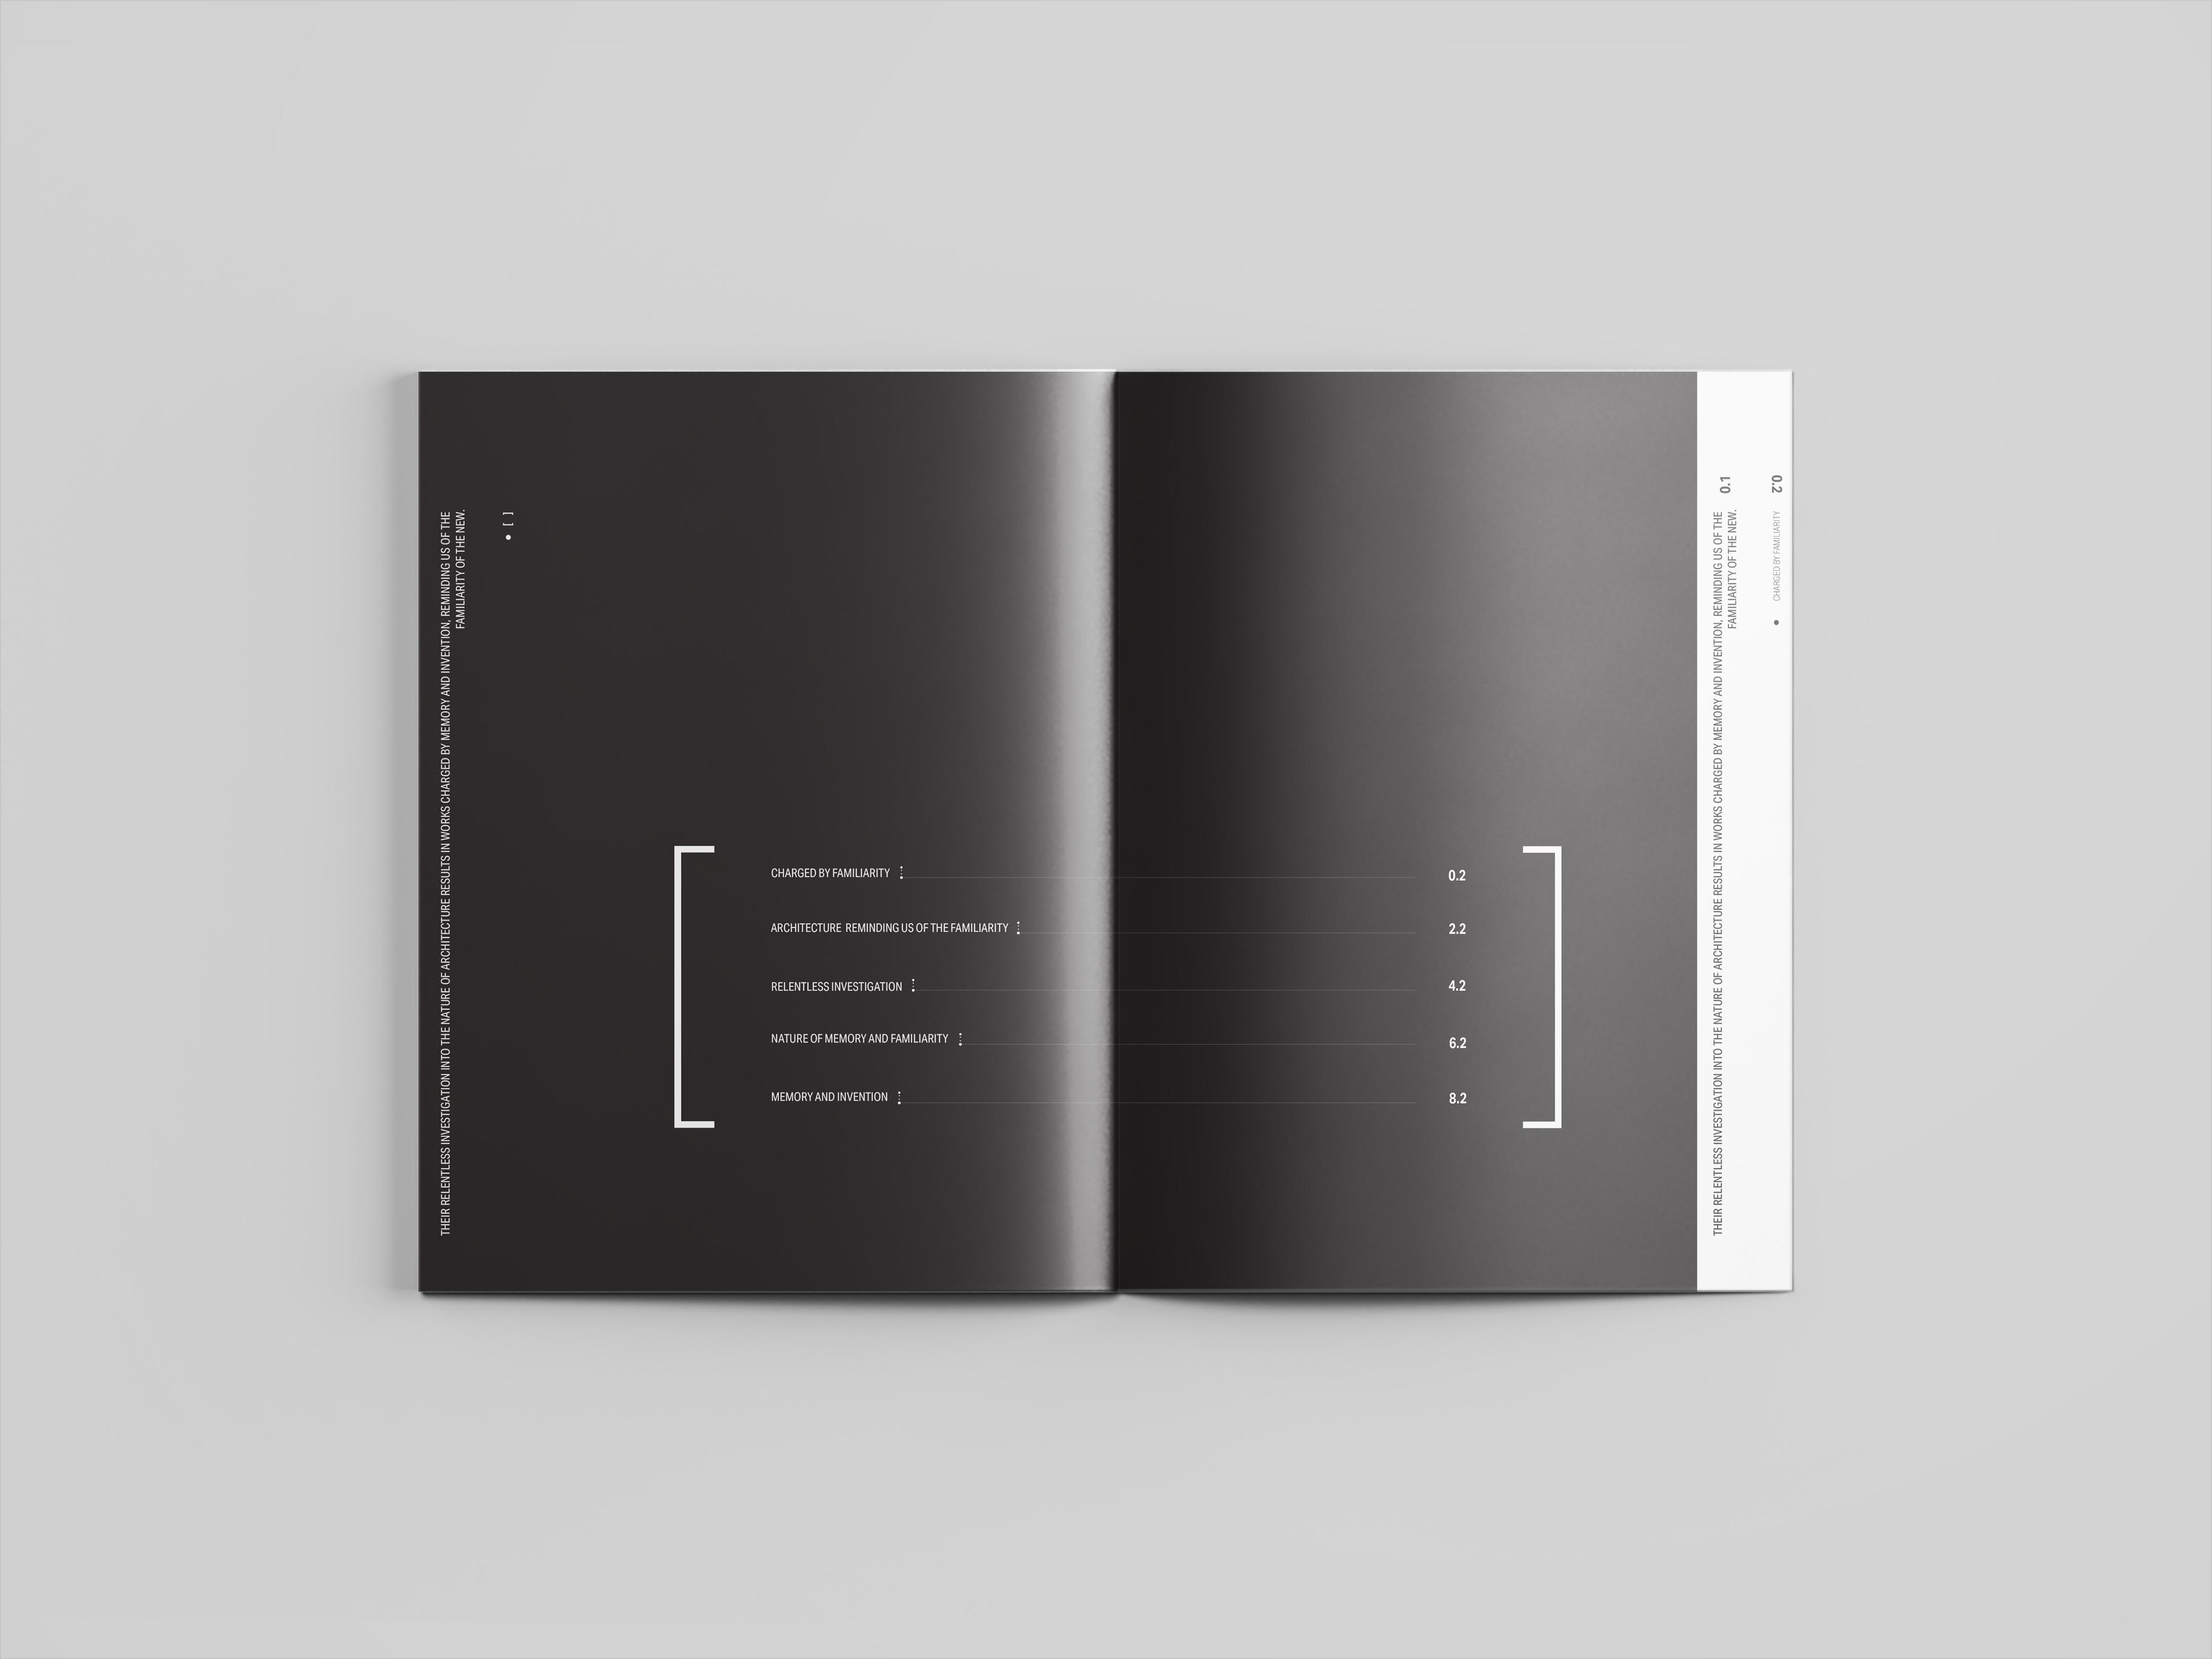 Architectonic_spread1